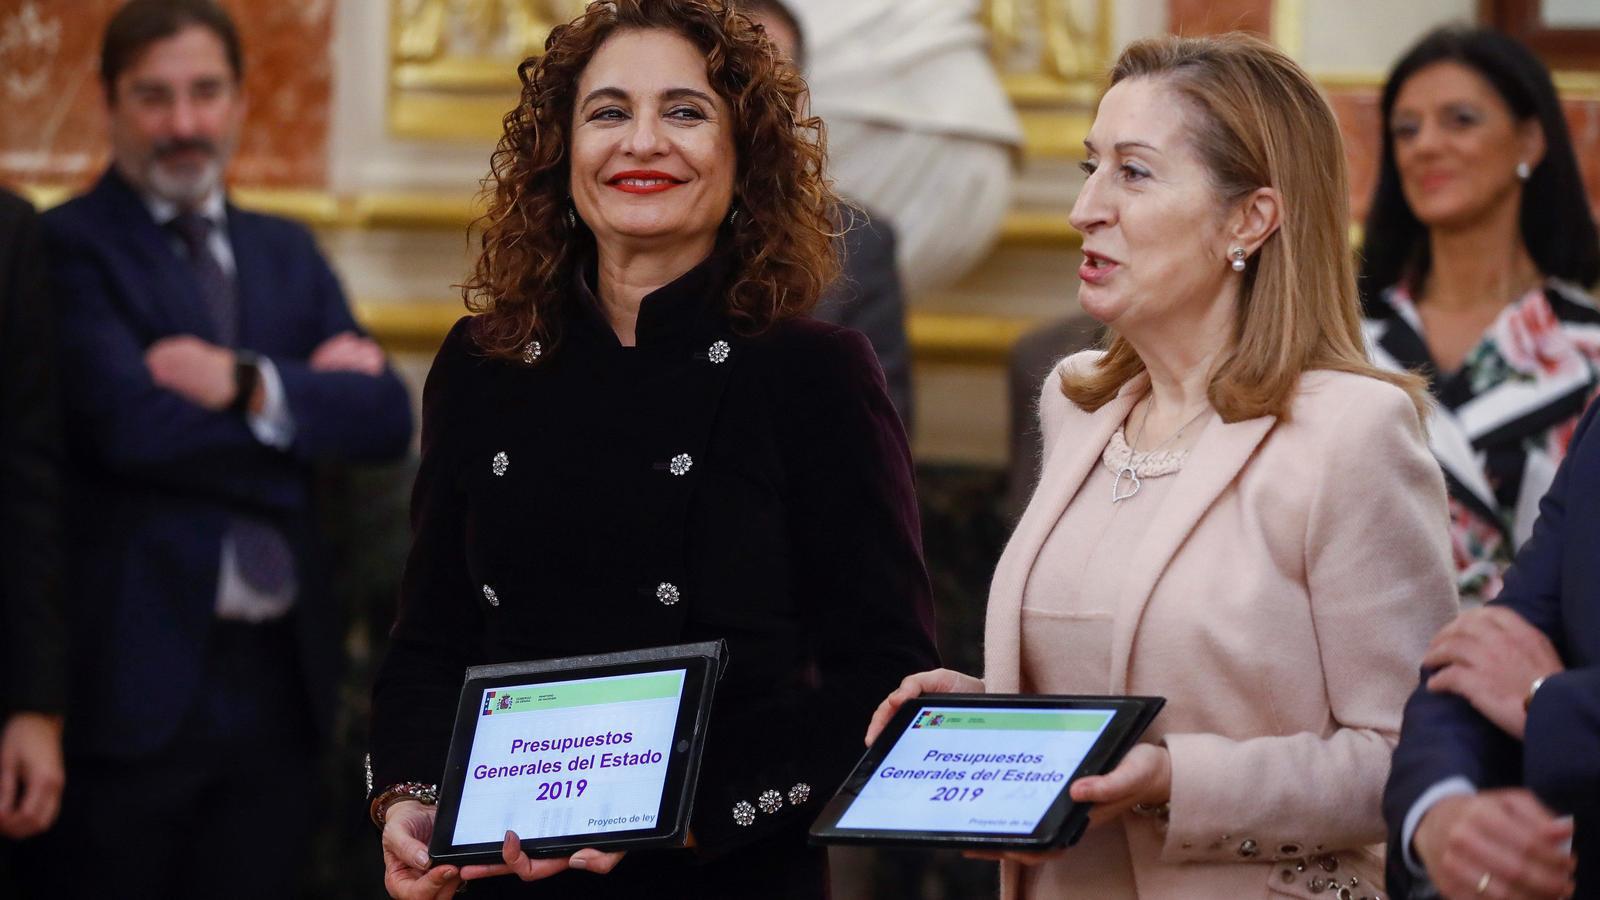 La ministra d'Hisenda, María Jesús Montero entrega a la presidenta del Congrés, Ana Pastor, el Projecte de Pressuposts